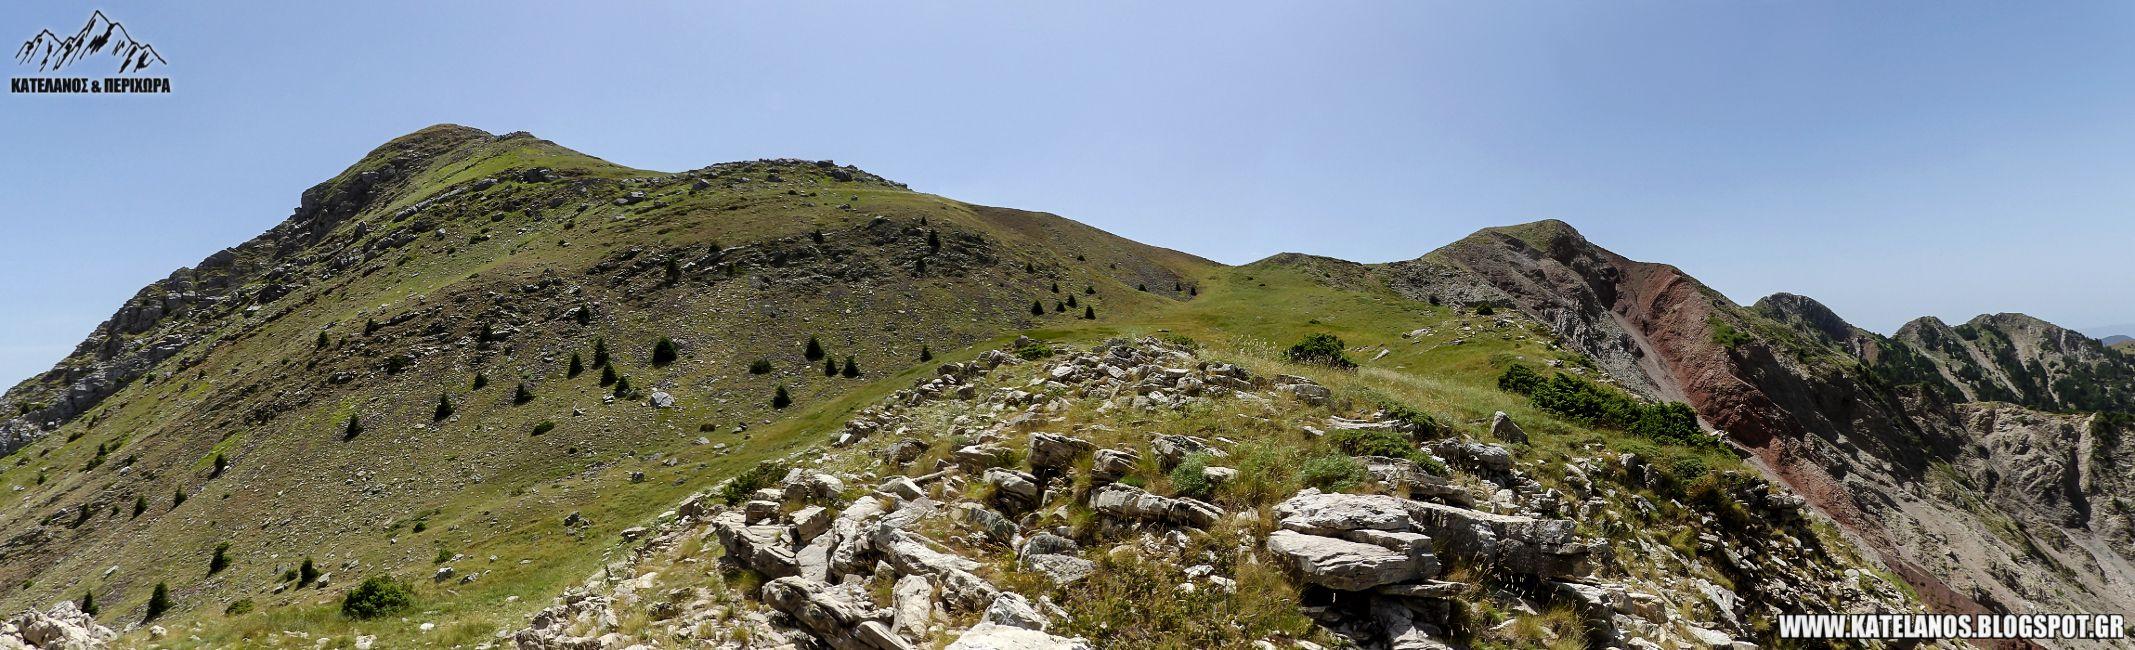 παναιτωλικο ορος διαδρομες πλατανακι αναβαση πλατανι ευρυτανιας